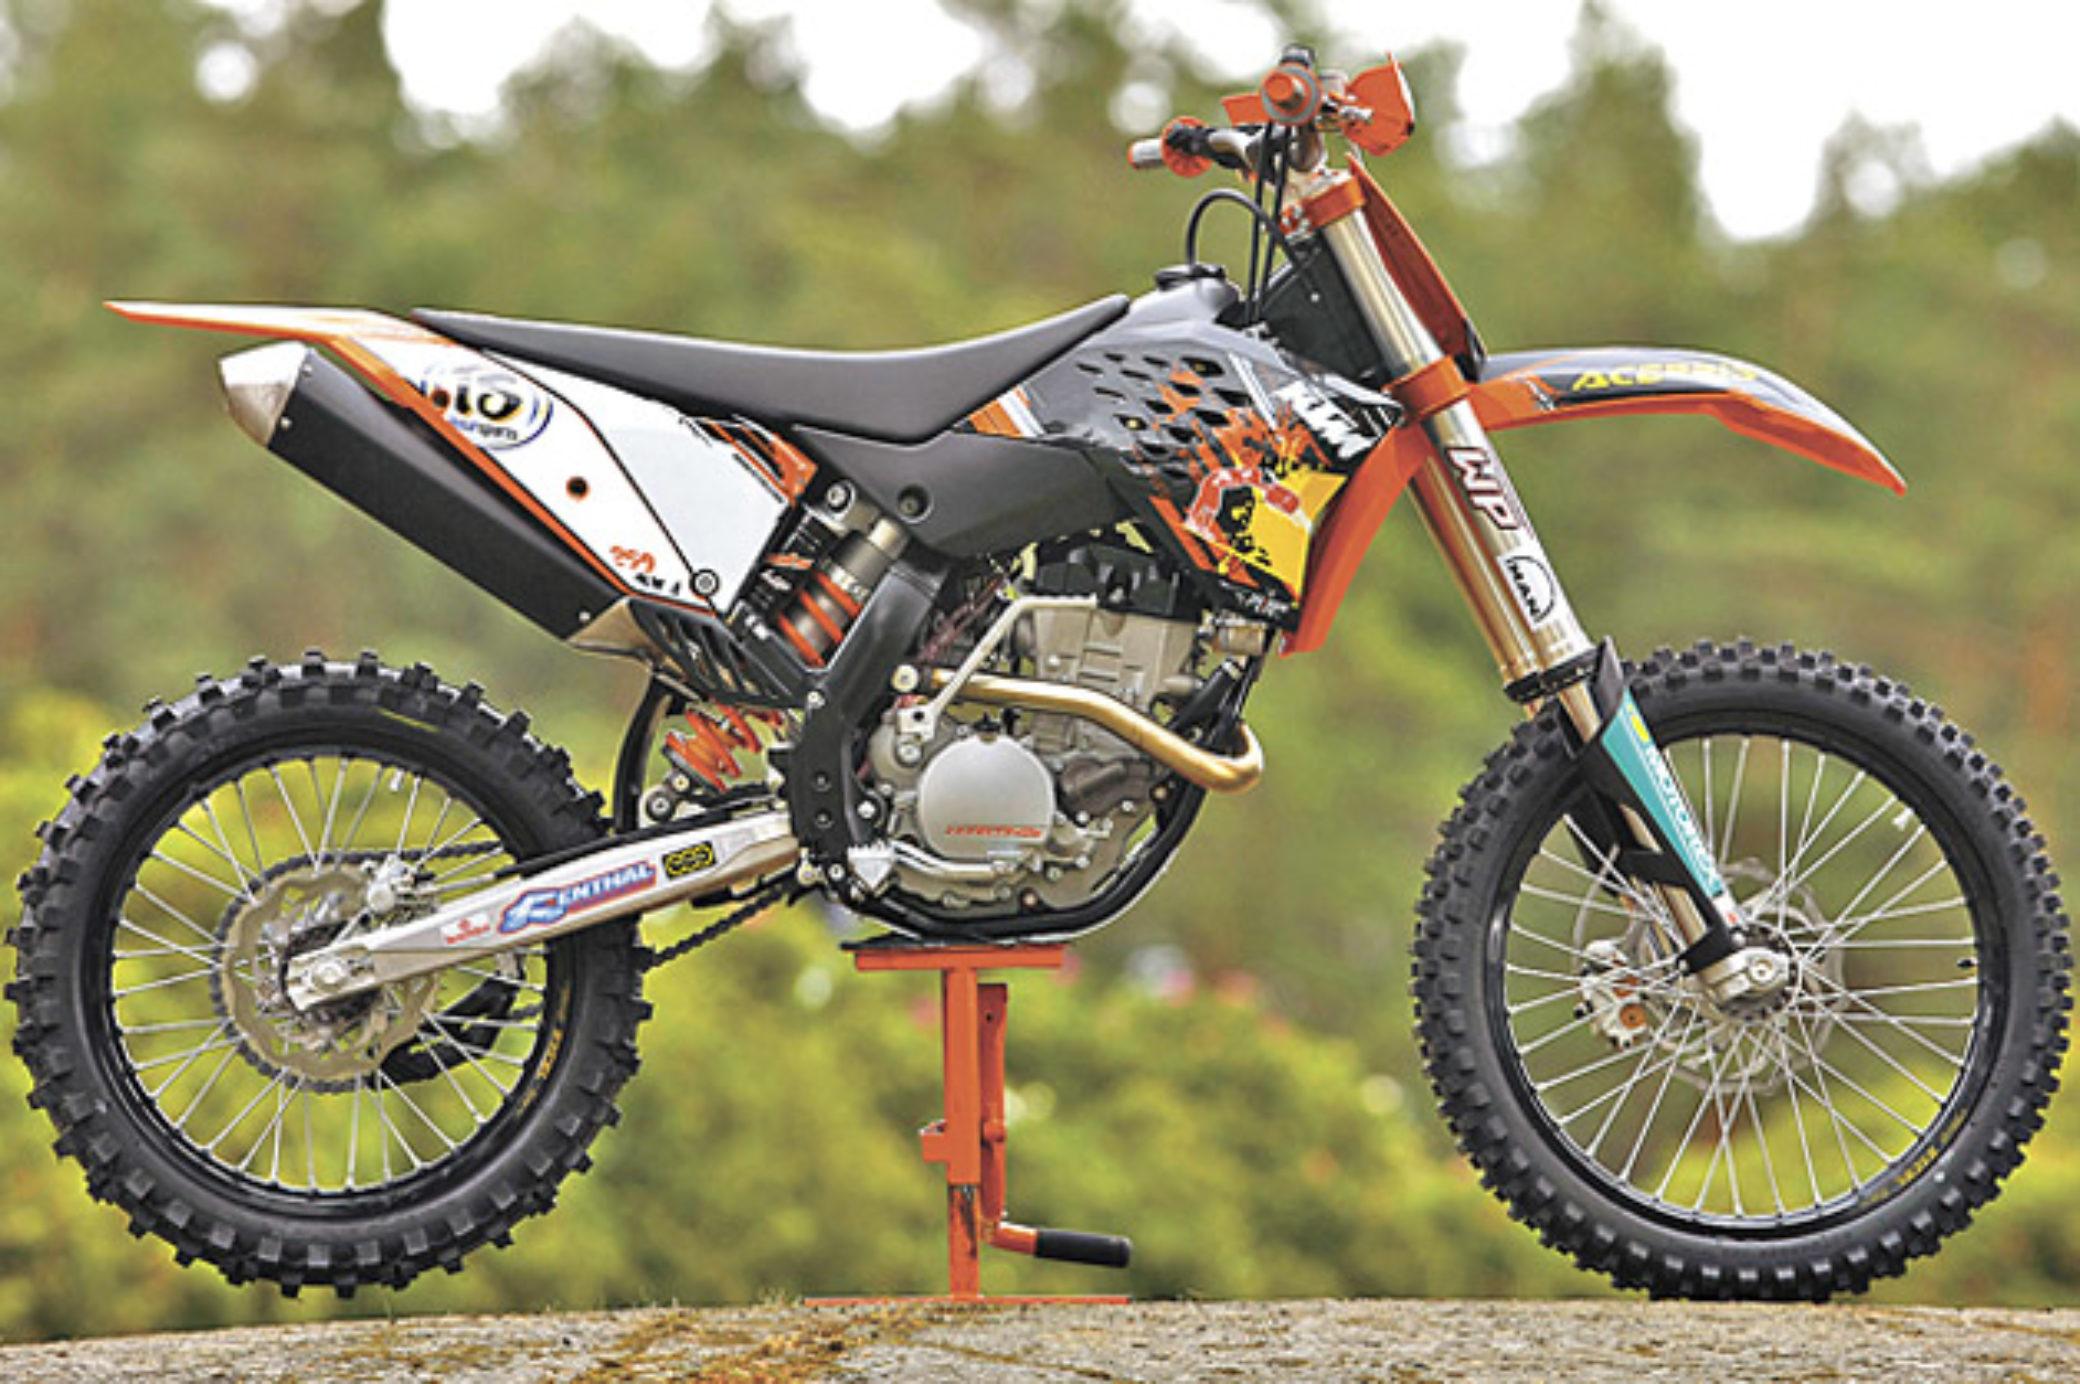 Ktm 450 Sx F